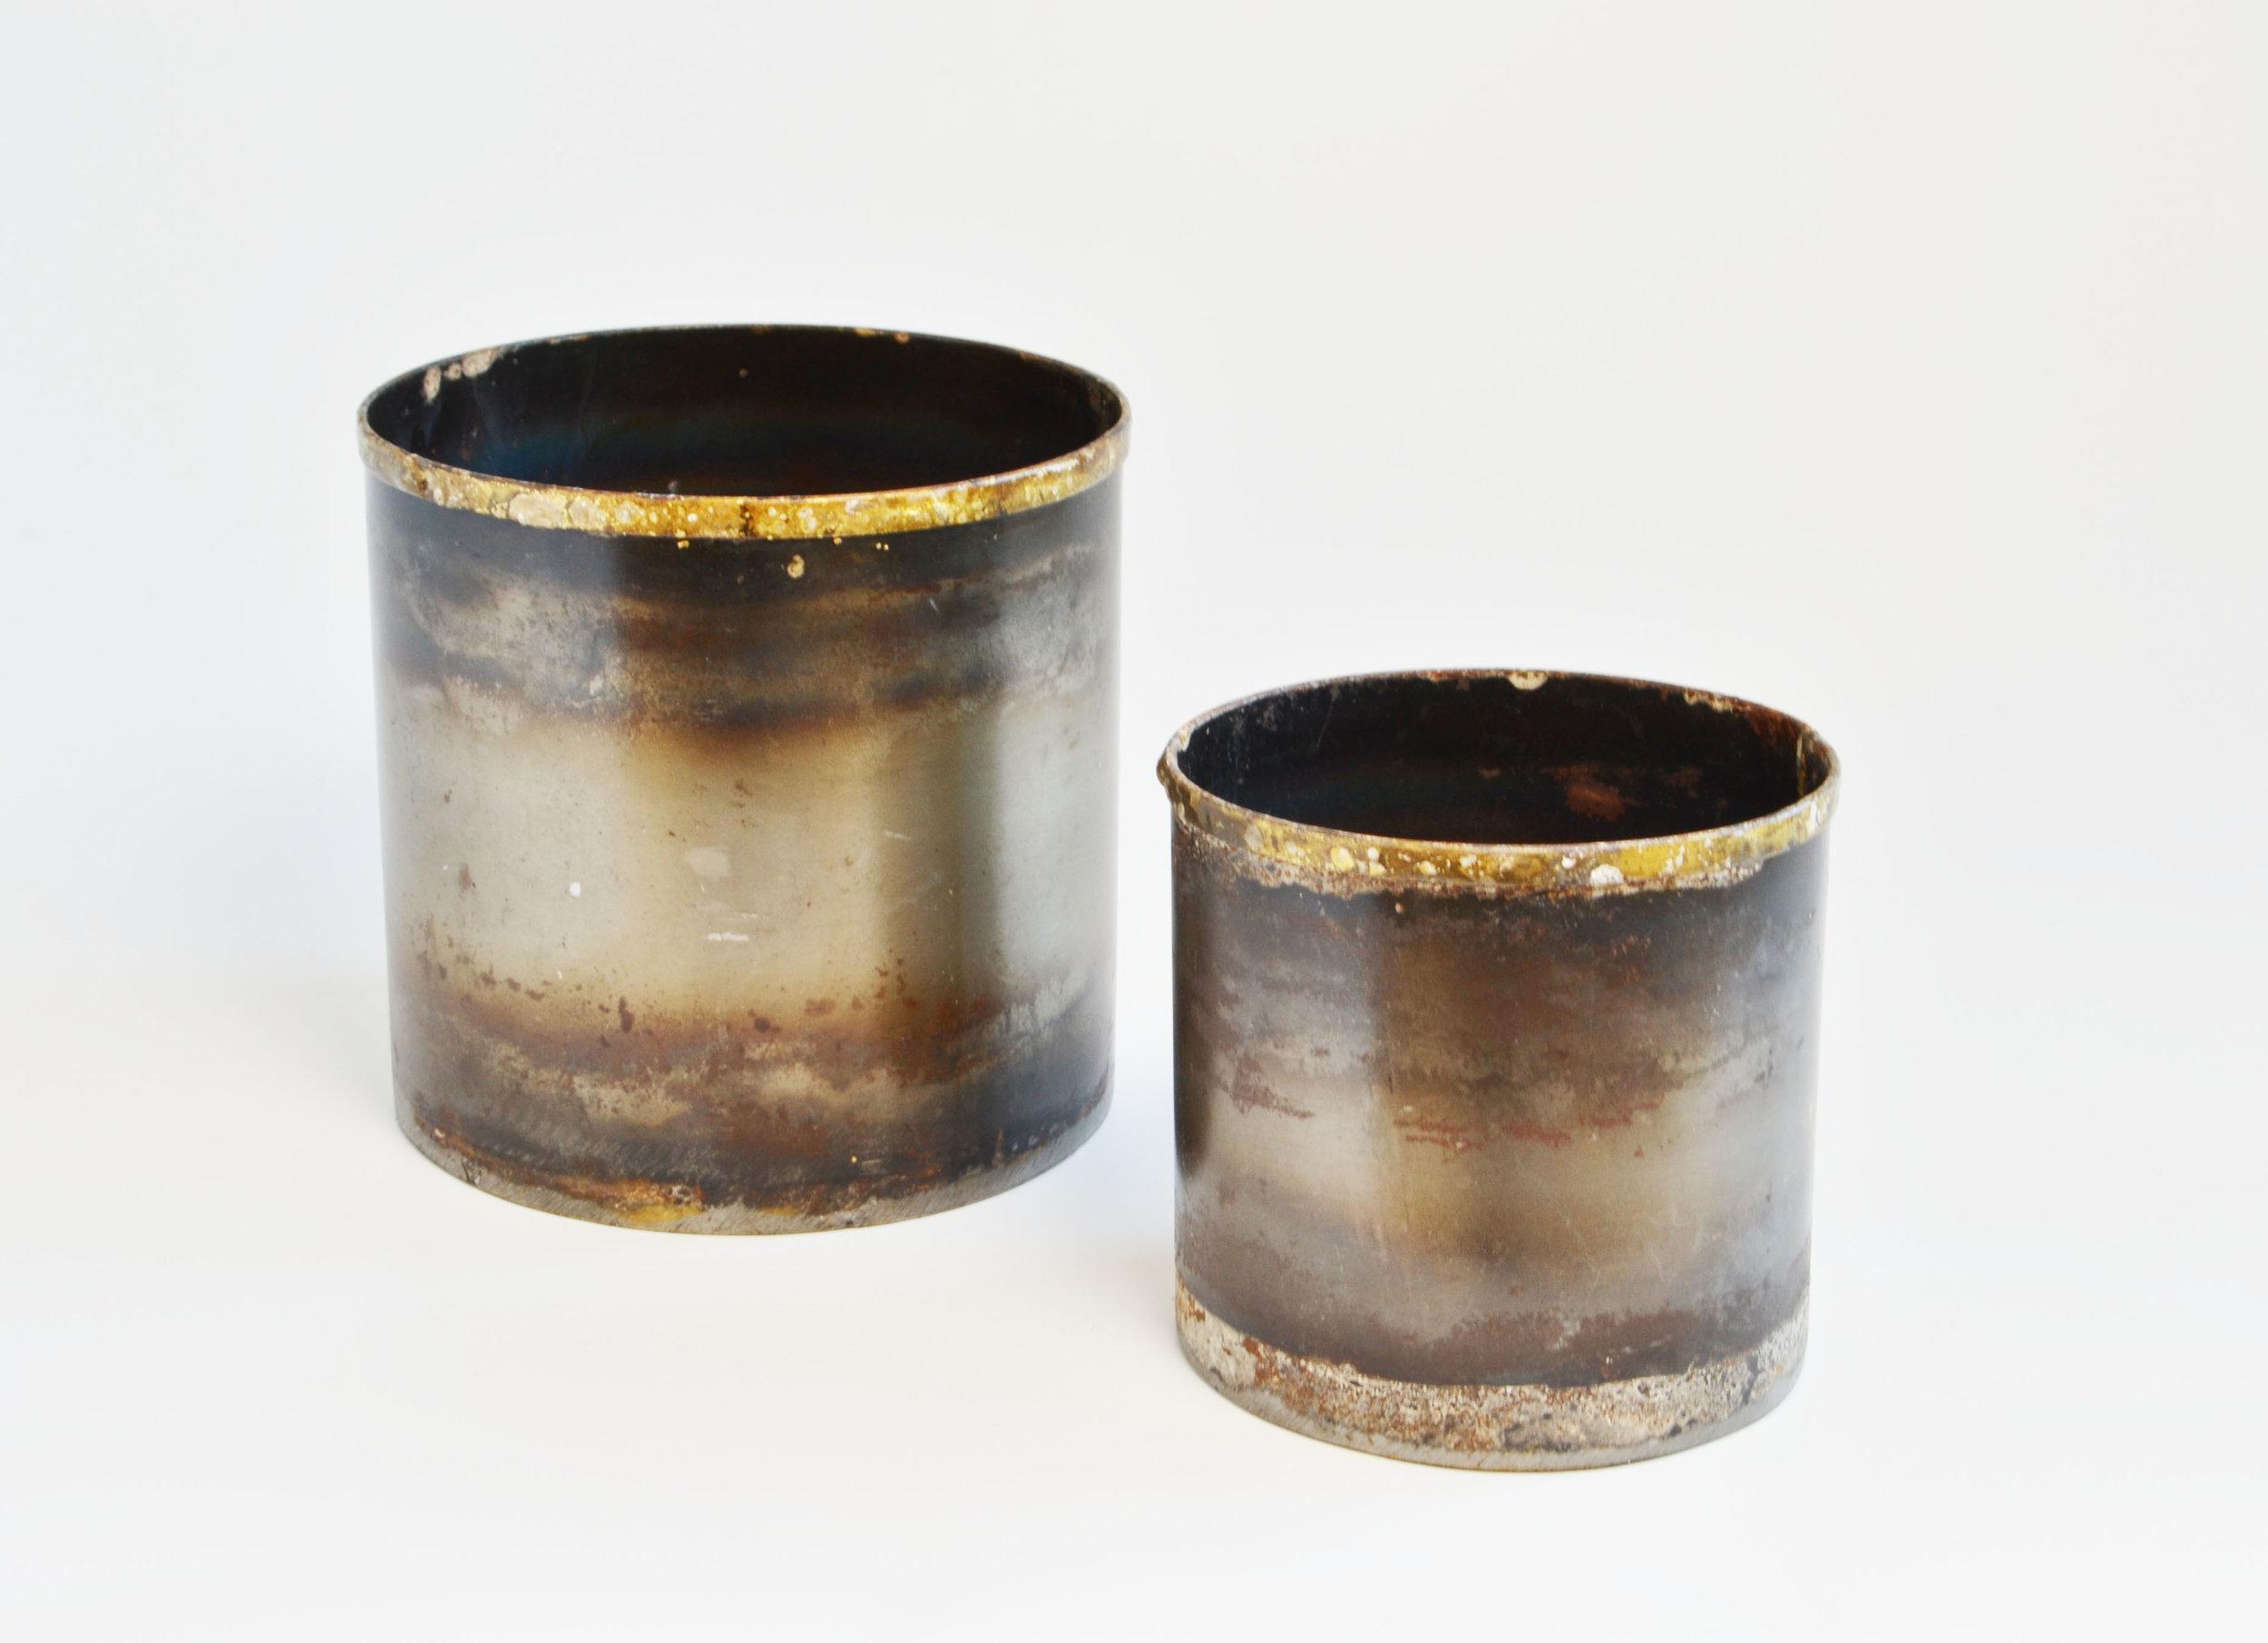 black tin vase   Quantity: large - 17 small - 27  Price: $5.50